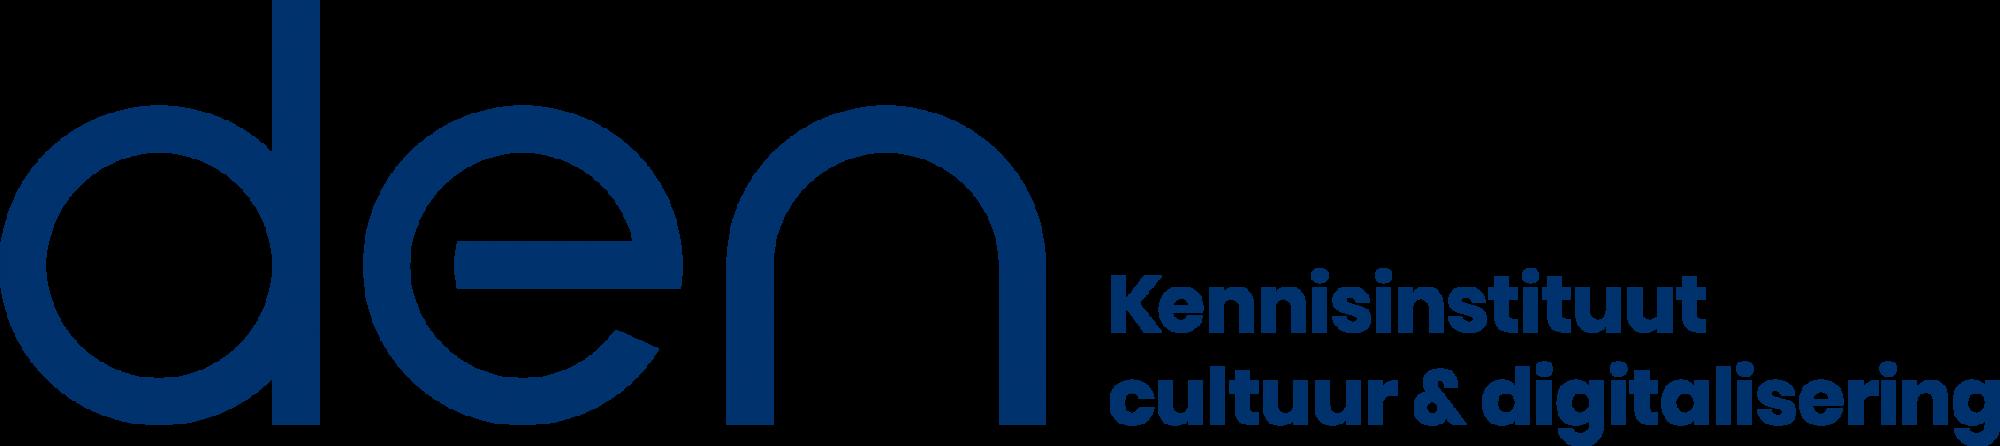 Logo DEN - Kennisinstituut Cultuur & Digitalisering